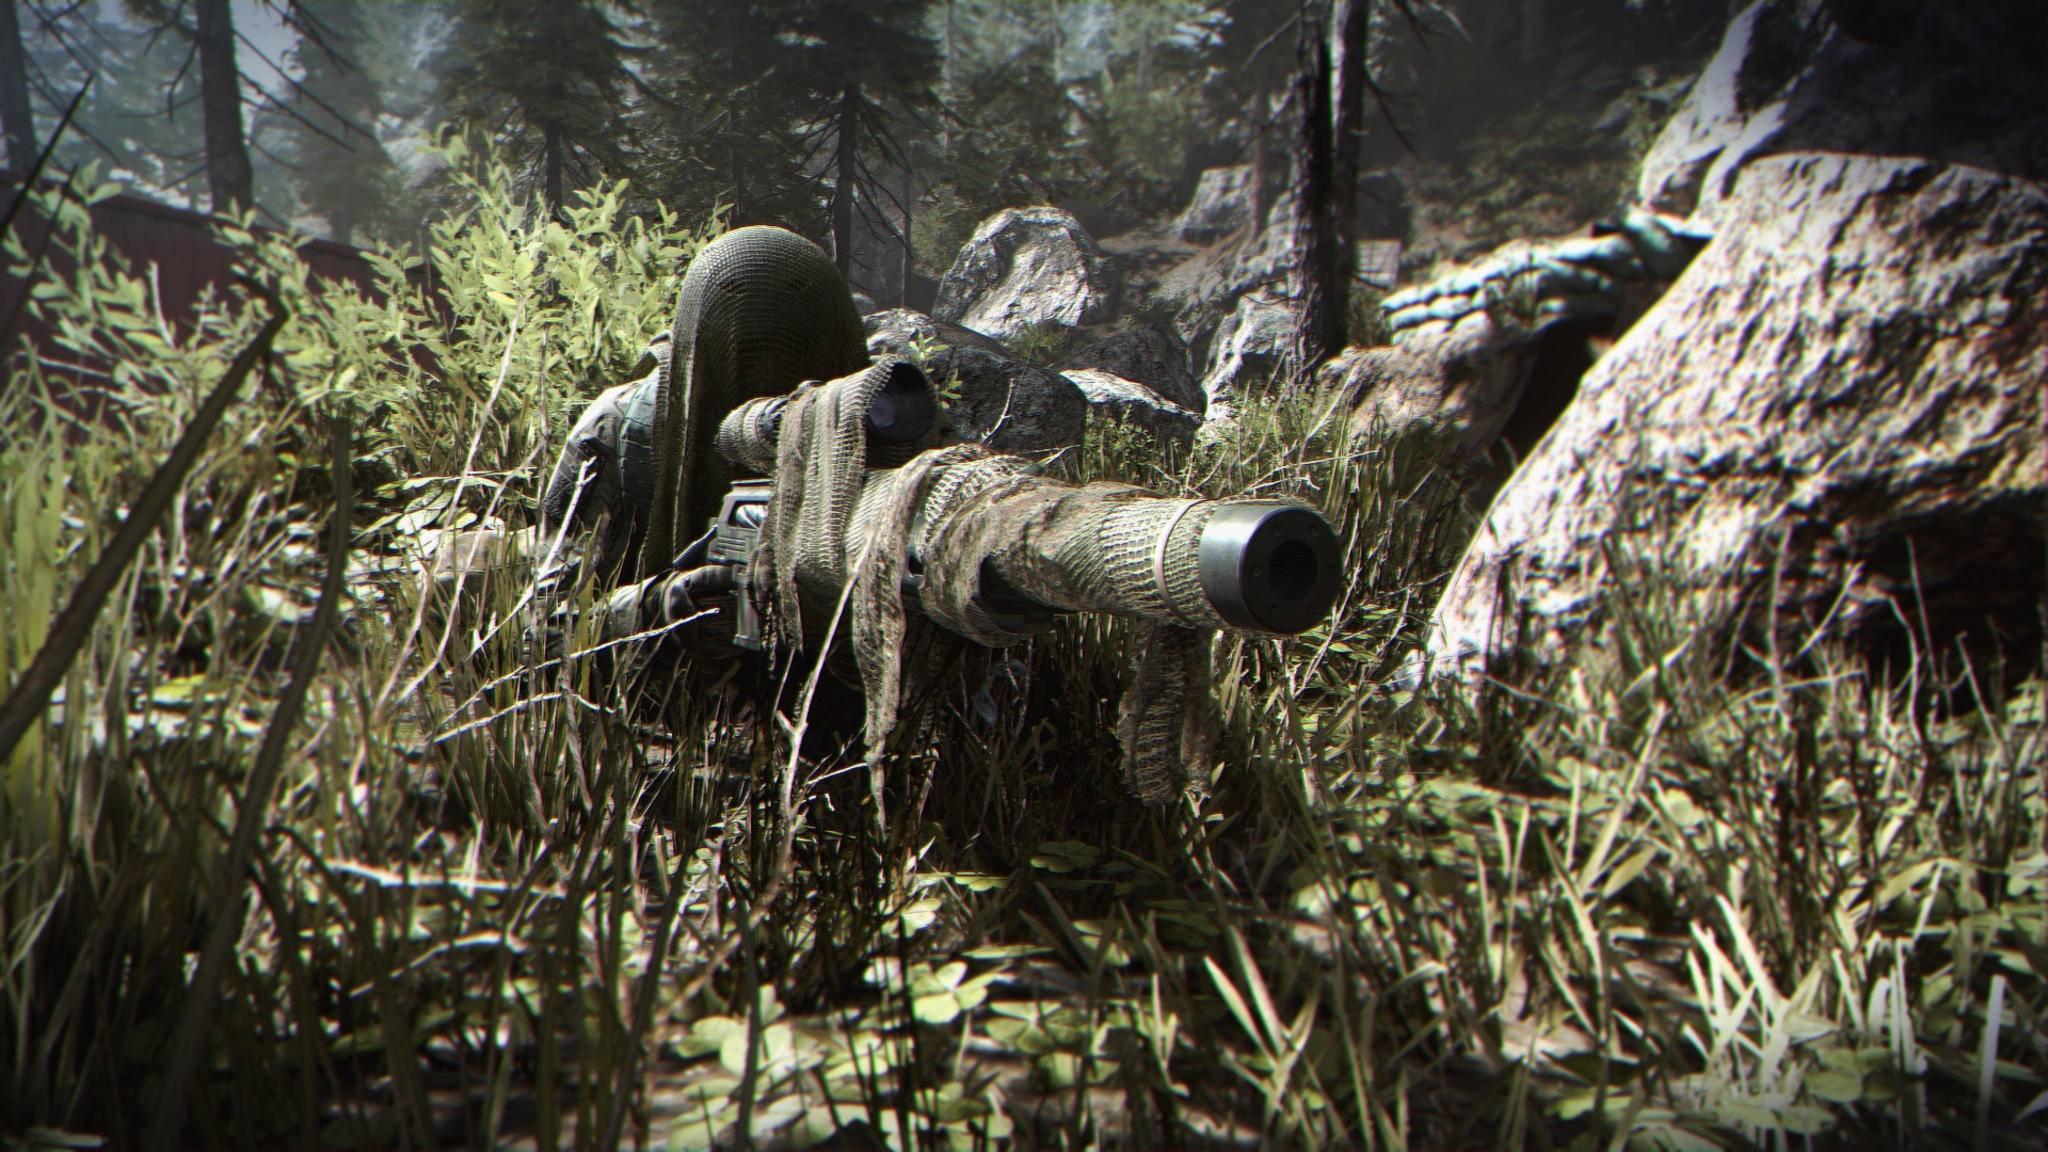 Was?! Du benutzt immer noch ein Scharfschützengewehr für Kills auf große Entfernung?